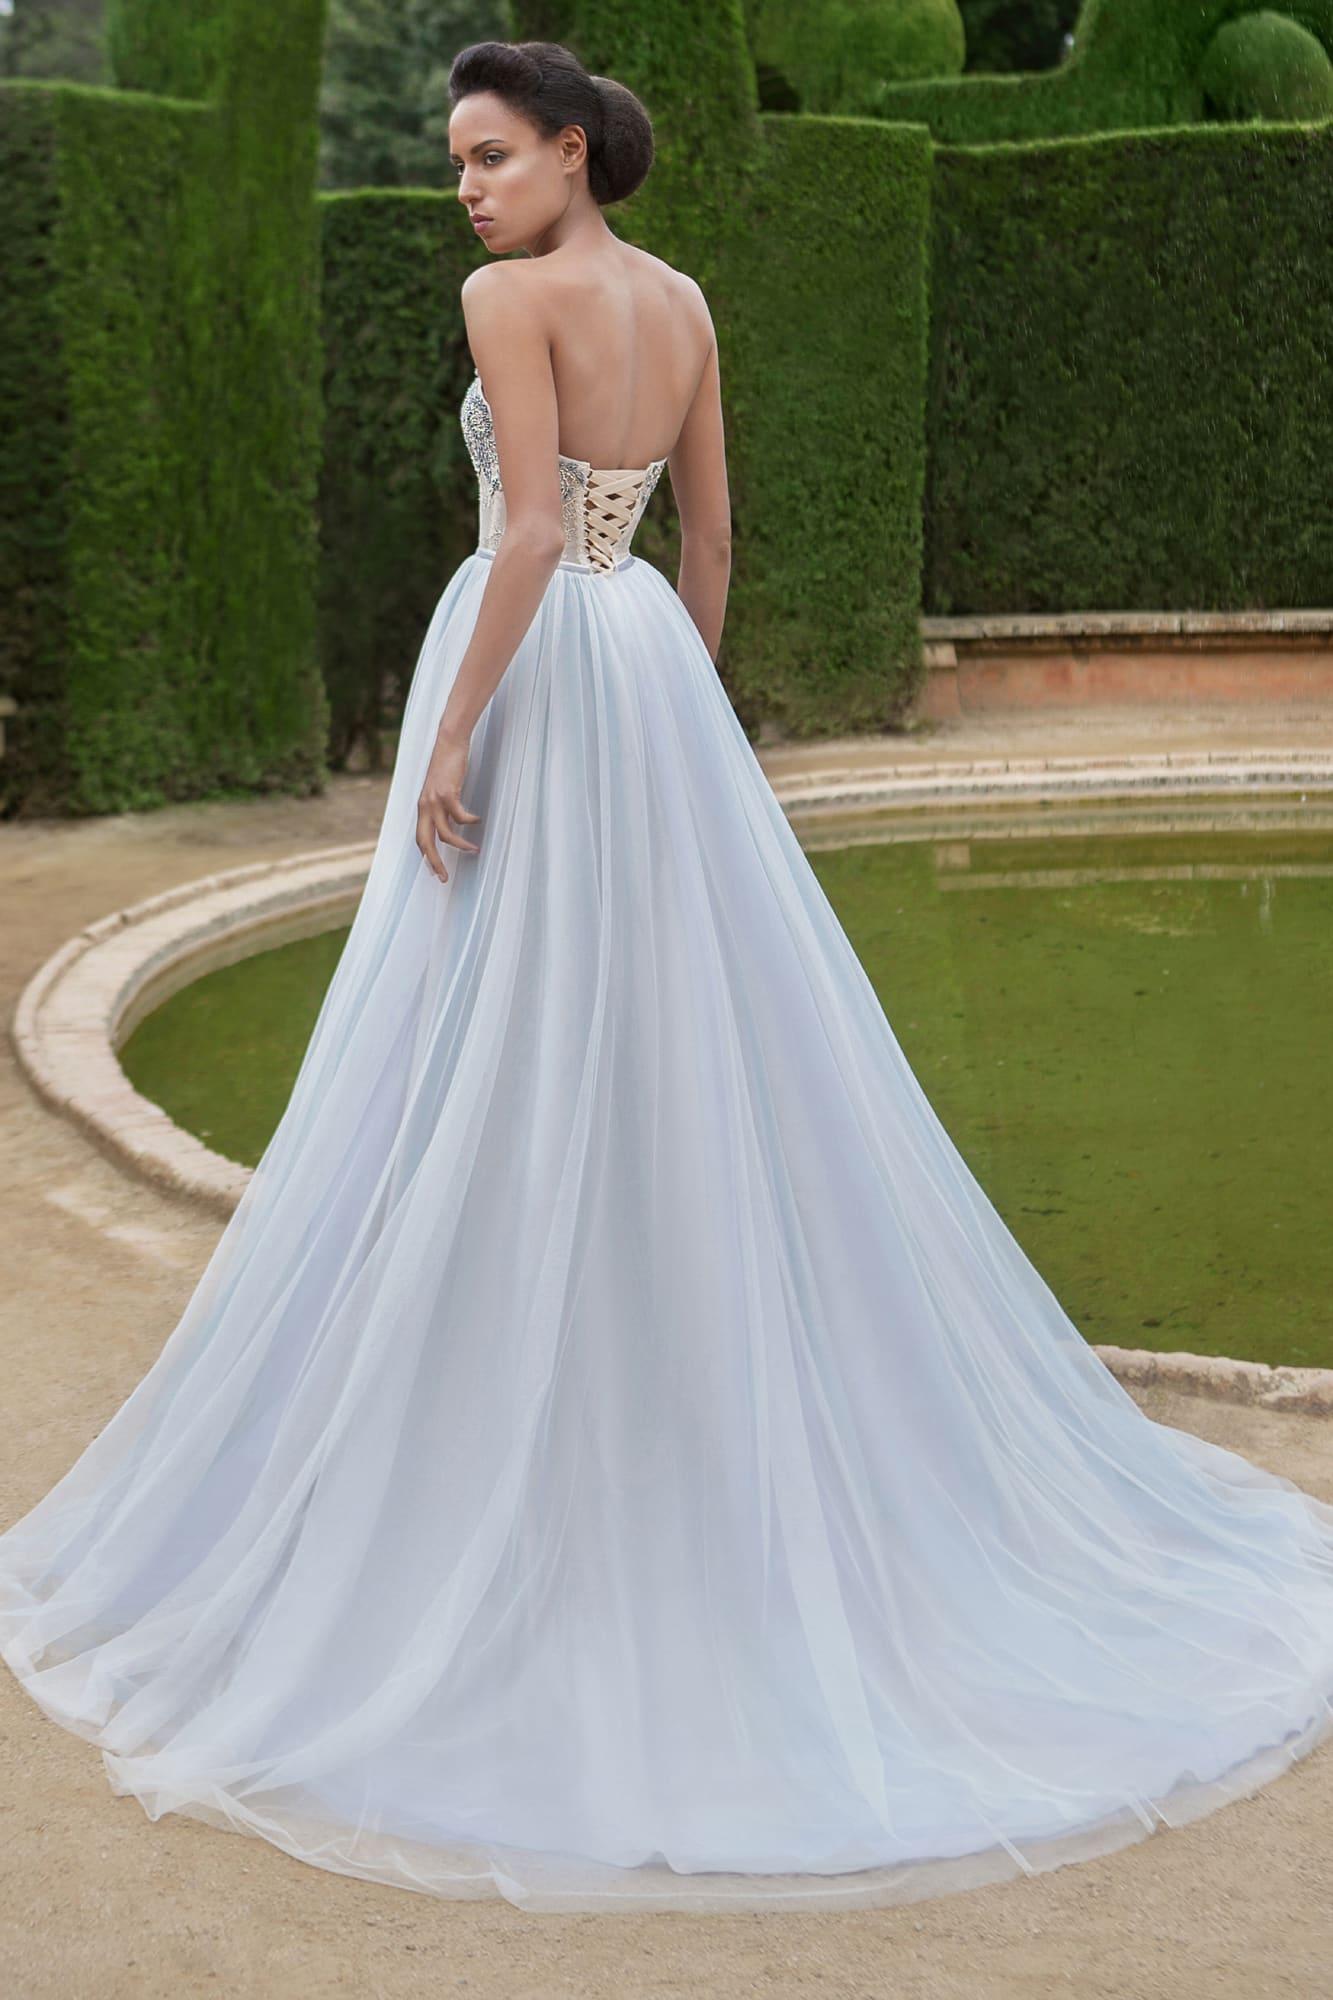 Стильное свадебное платье с вышивкой по открытому корсету и многослойной голубой юбкой.